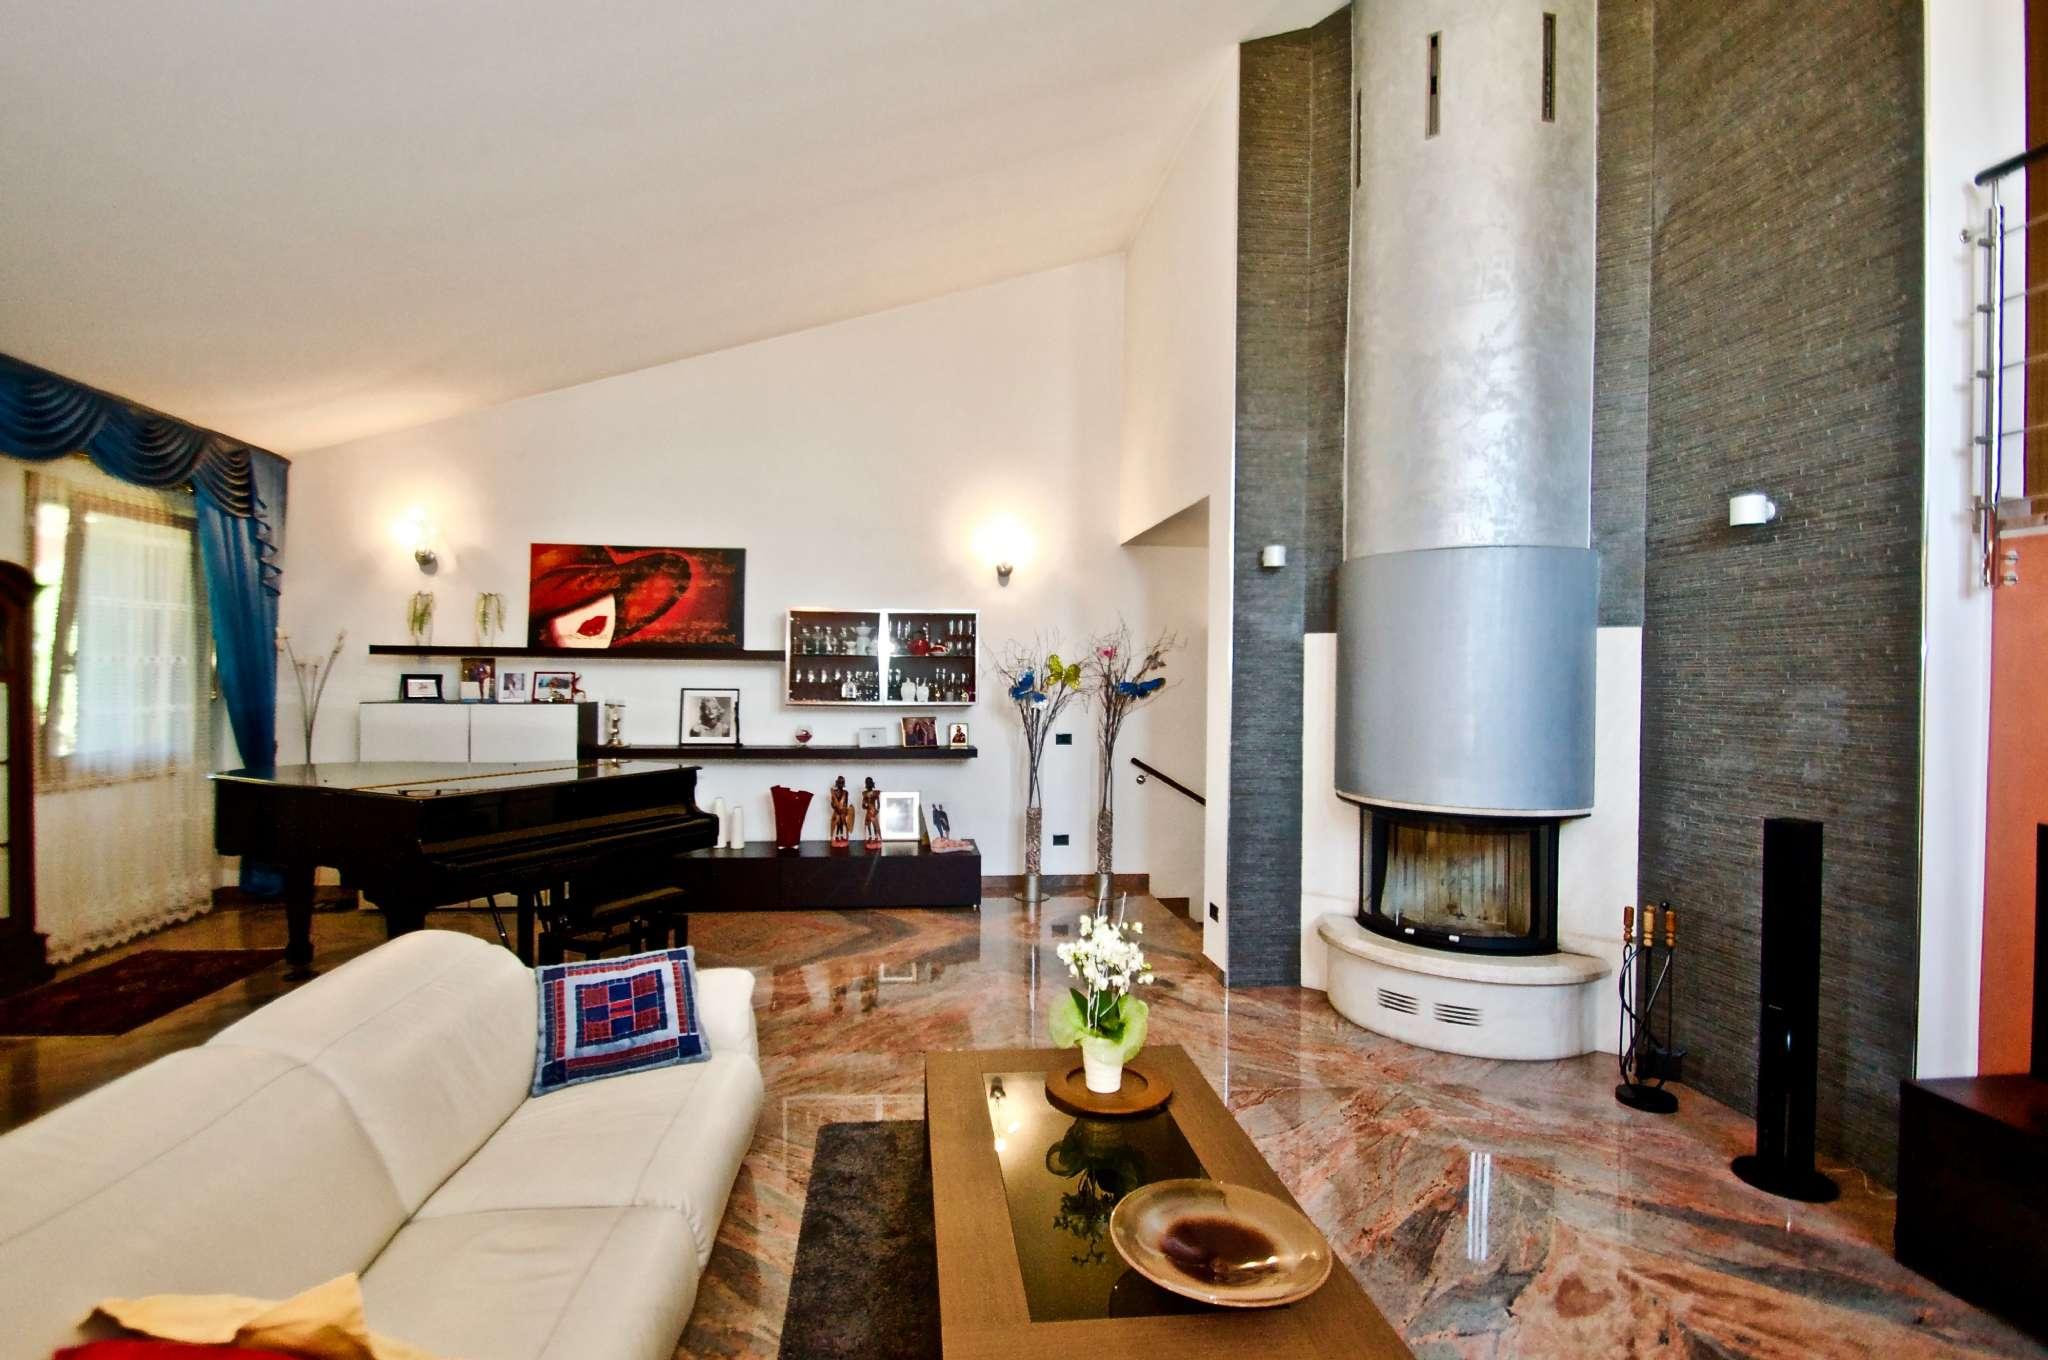 Villa in vendita a Maserà di Padova, 7 locali, prezzo € 440.000 | CambioCasa.it